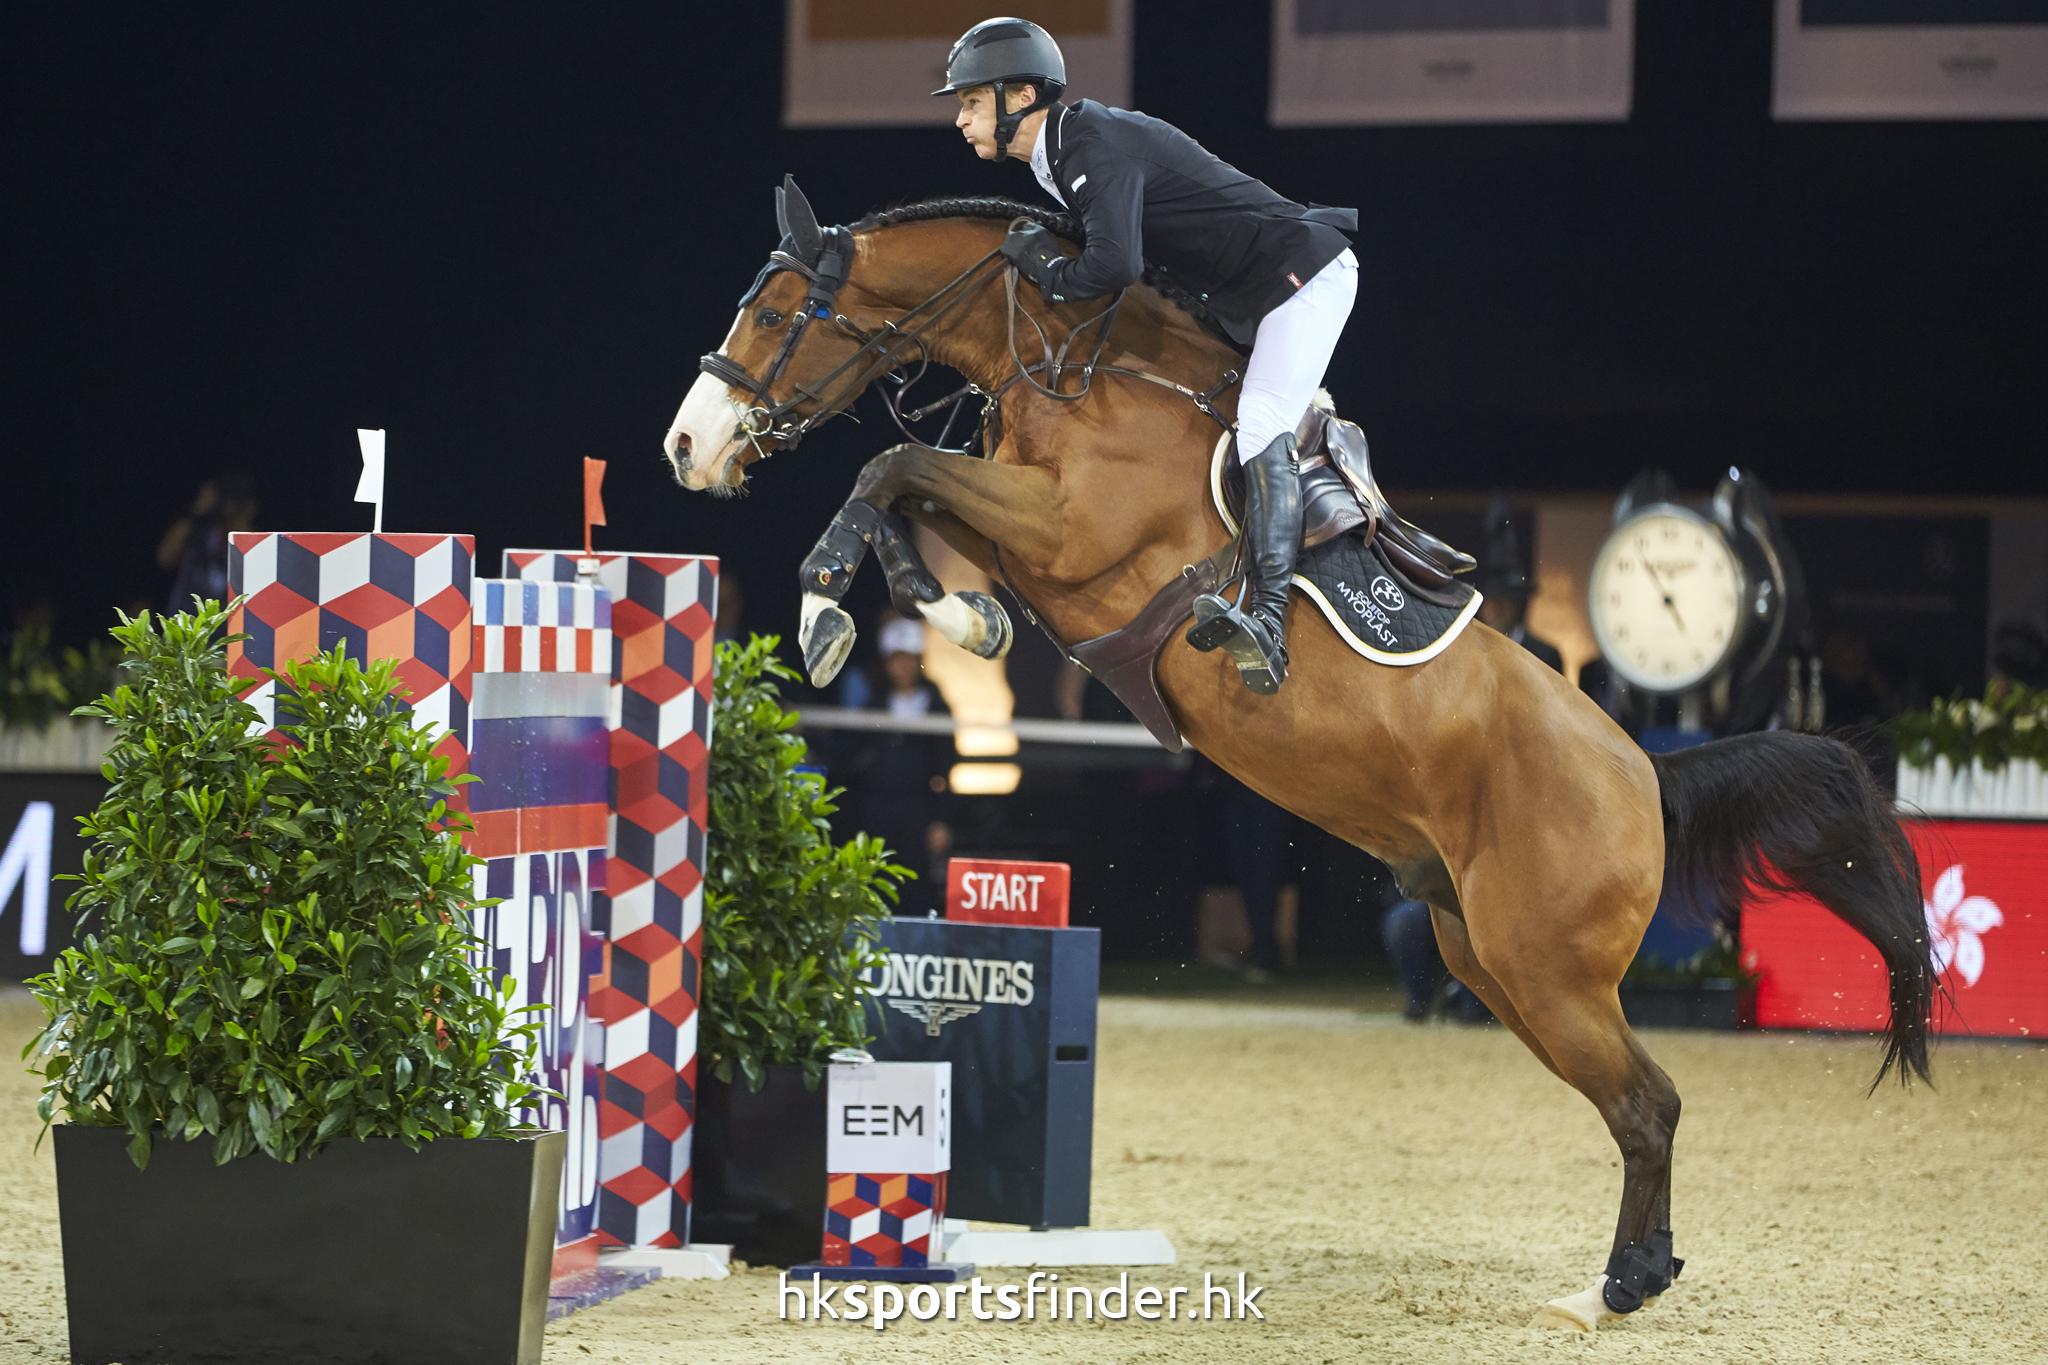 LUK_HORSE_17-02-12-16-53-55_1084.jpg